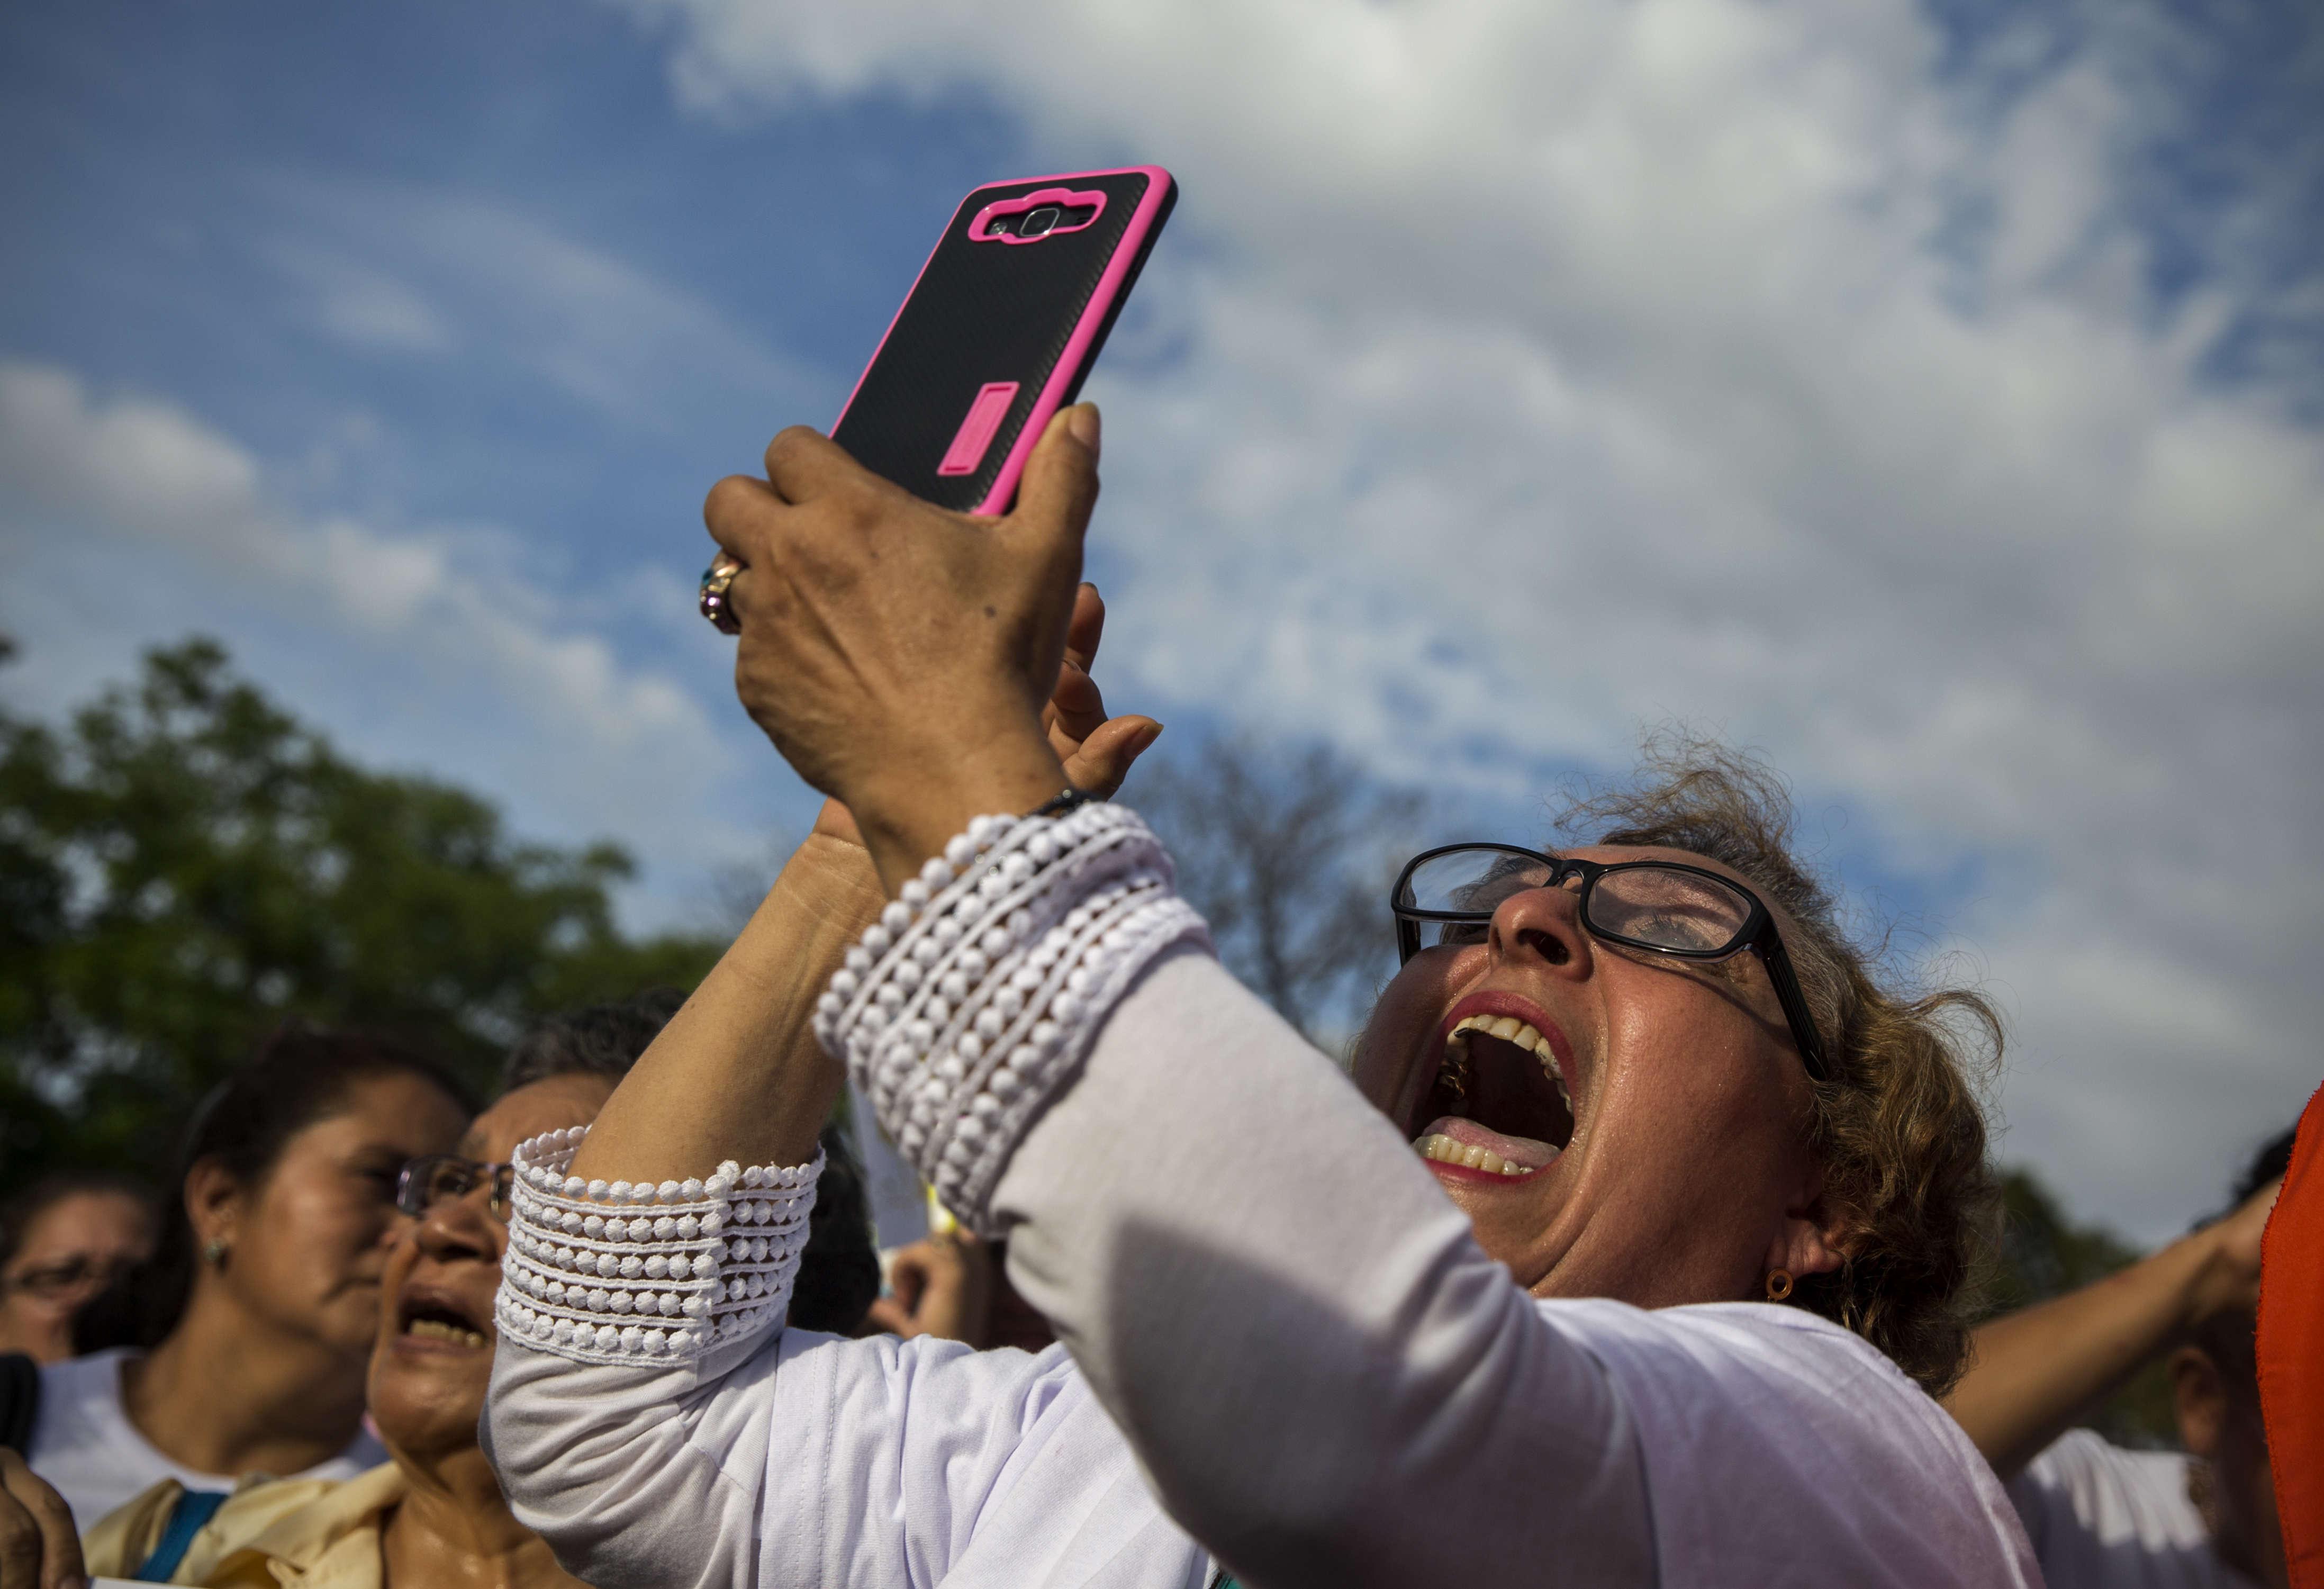 Una dona crida durant el pas d'una rèplica de la verge de Fátima procedent de Guatemala a Managua (Nicaragua). /JORGE TORRES